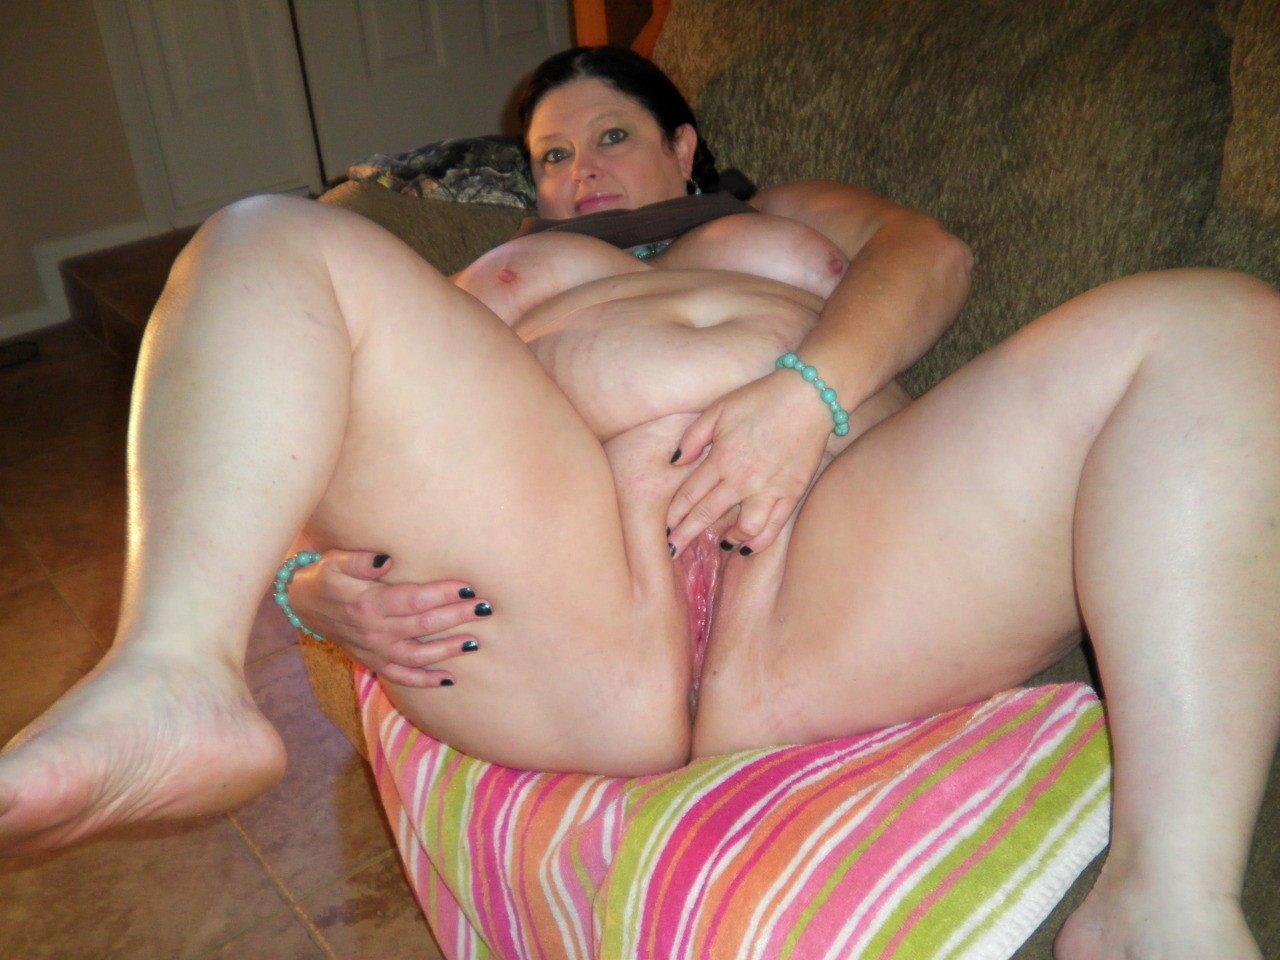 Русское домашнее порно фото пышек, Голые толстые. Порно фото толстых 7 фотография